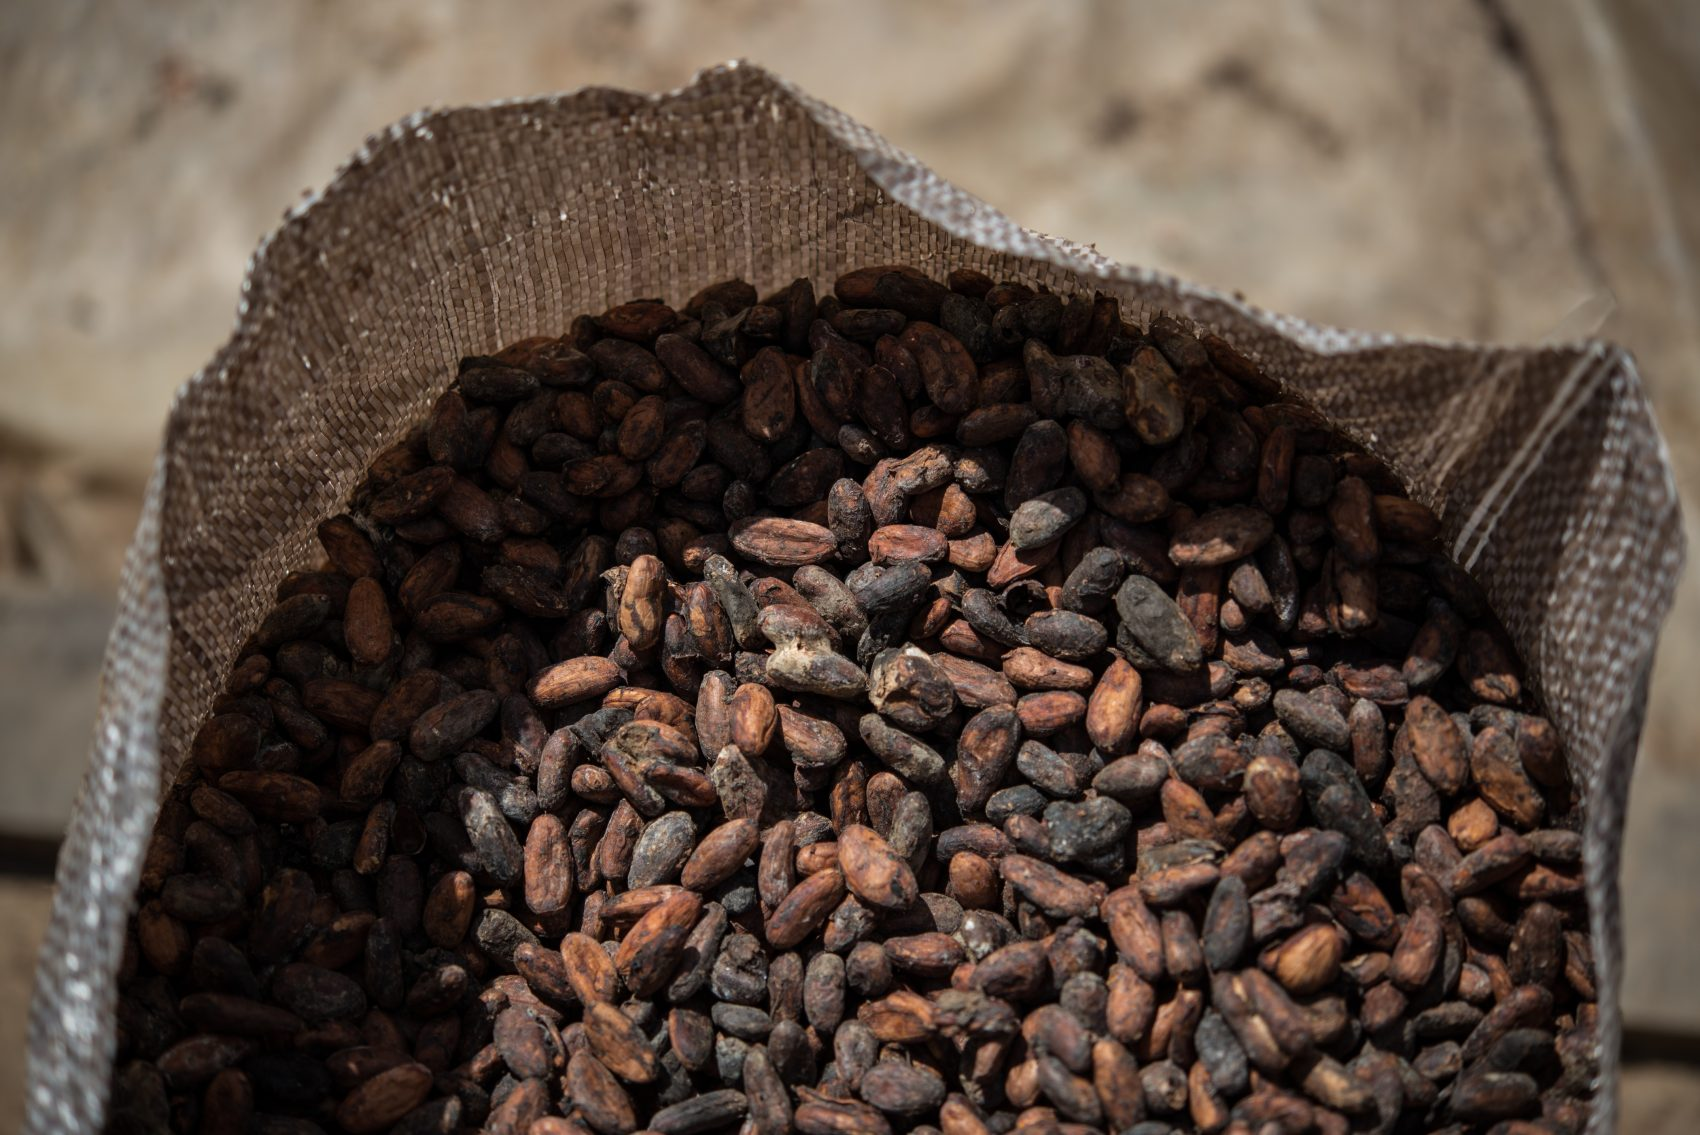 O cacau seco: qualidade do chocolate vai depender da qualidade das sementes (Foto Yasuyoshi Chiba/AFP)